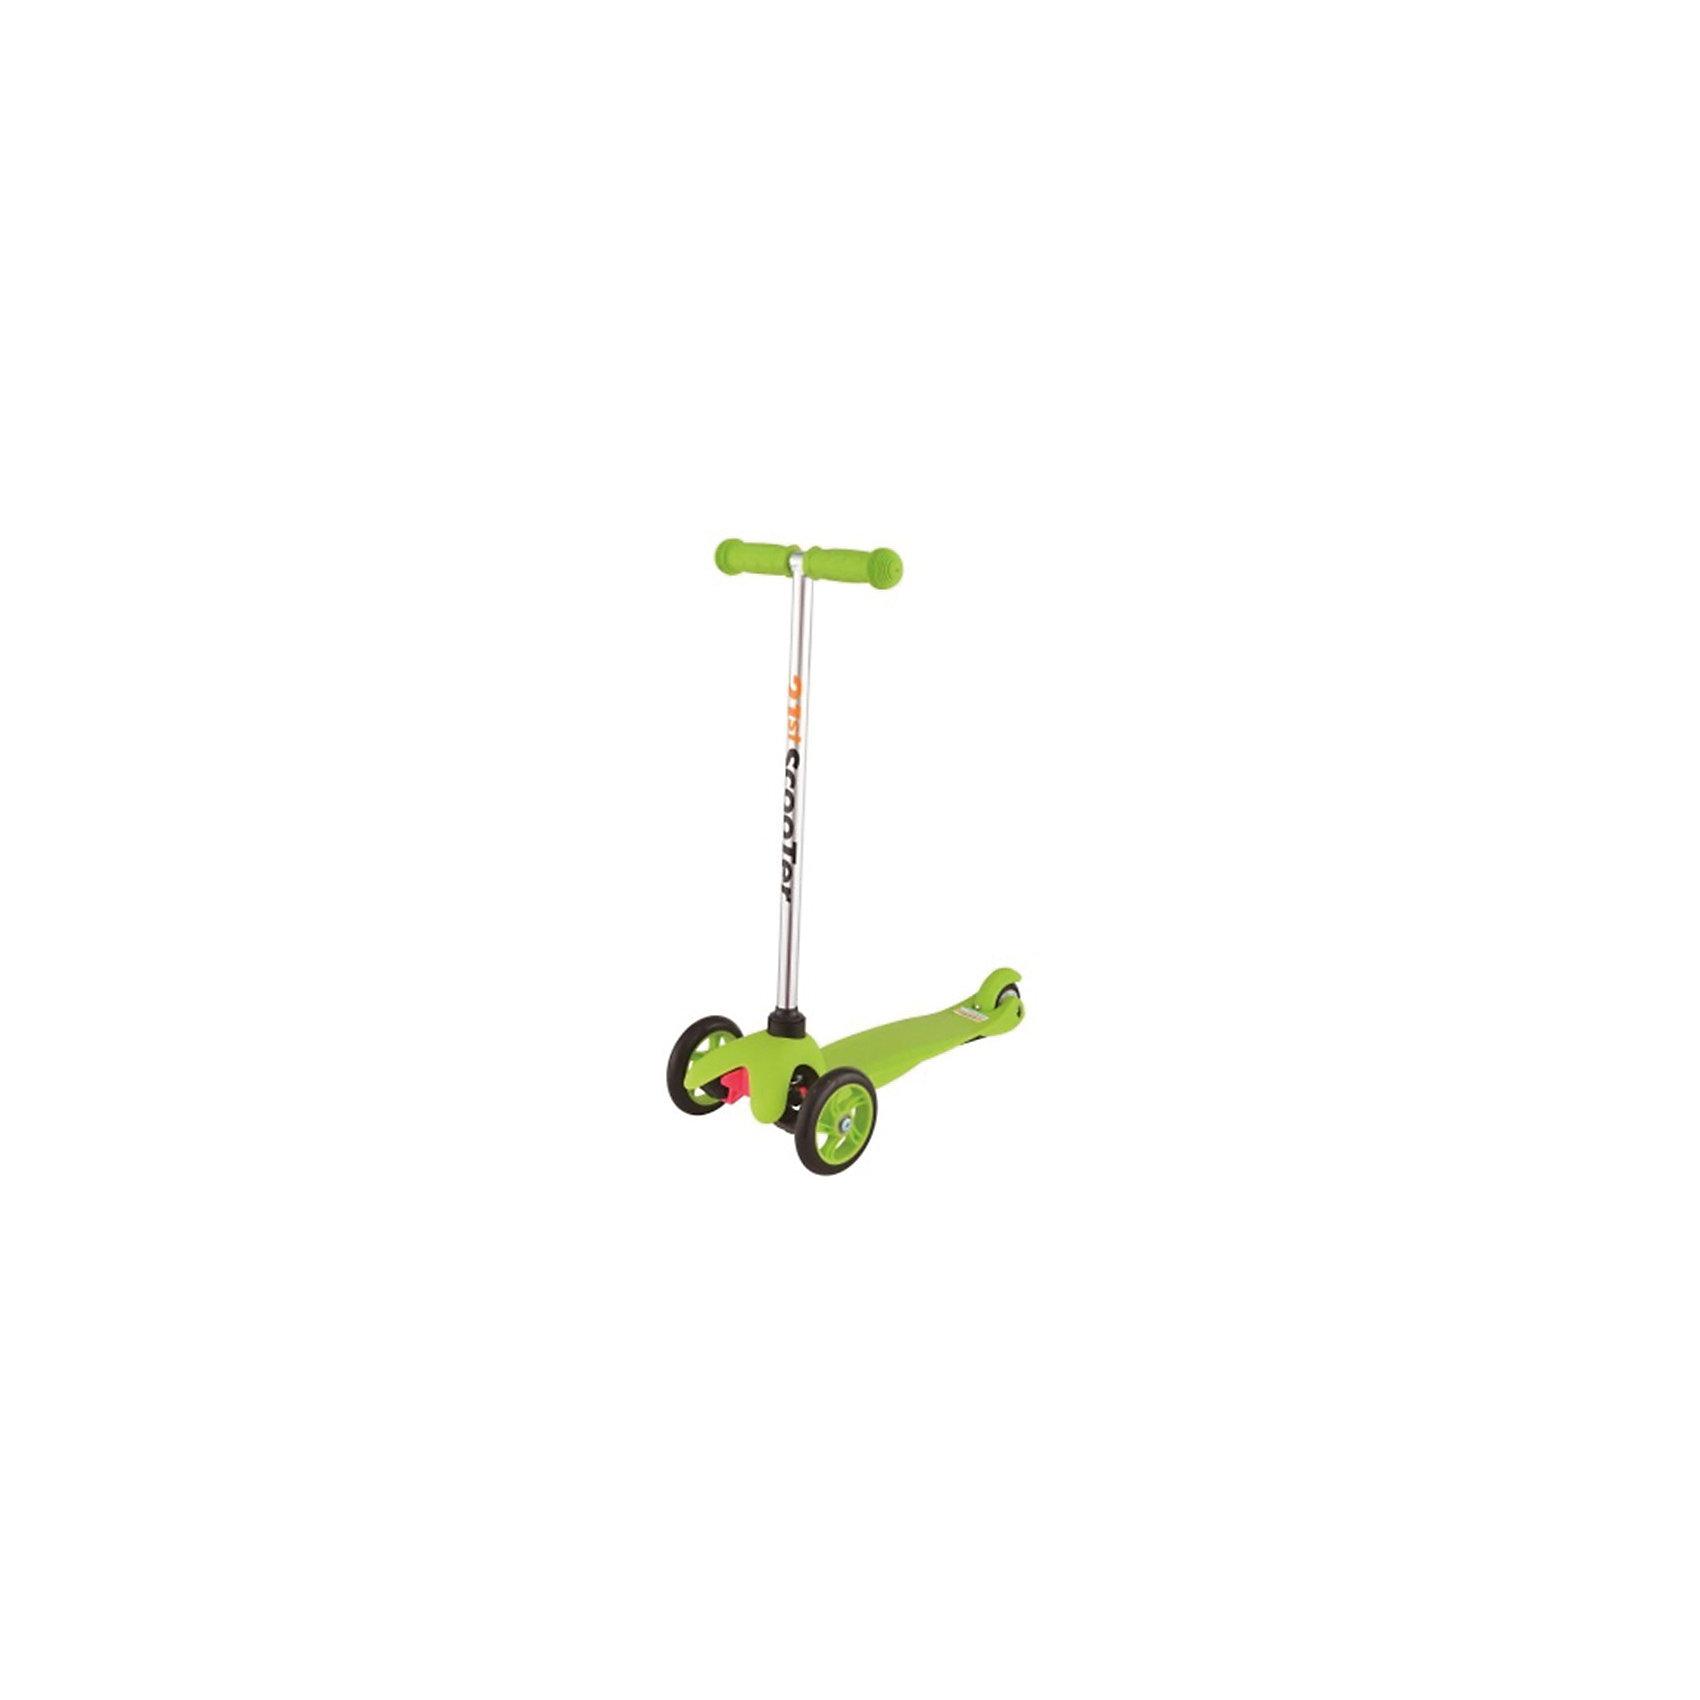 Самокат 3-х колёсный Maxi Scooter, зелёный, 21st scooTerСамокаты<br>21st scooter MaxiScooter (SKL-06A) - детский трехколесный самокат с амортизацией передней вилки. Самокат имеет уникальную запатентованную систему управления. Гибкая подножка сделана из мягкого пластика усиленного стекловолокном, что исключает риск травмирования ребенка об нее.За счет своей устойчивости и плавности хода, SKL-06A очень просто освоить. Самокат изготовлен из высококачественных материалов. Он отлично способствует развитию опорно-двигательного аппарата ребенка его координацию движения и навыки балансировки.Характеристики:• Вес: 2 кг.• Возраст:  от 3-х лет• Максимальная нагрузка: до 30 кг.• Материал: алюминий, полипропилен, стеклопластик• Колеса: полиуретановые литые колеса PU• Диаметр колес: передние 120 мм, заднее 80 мм.• Подшипники: ABEC-1• Тормоз: задний тормоз наступающий (step-on brake)• Размеры: 67х23х53,5 см.• Размер платформы: 52х11 см.<br><br>Ширина мм: 610<br>Глубина мм: 450<br>Высота мм: 390<br>Вес г: 2400<br>Возраст от месяцев: 36<br>Возраст до месяцев: 2147483647<br>Пол: Унисекс<br>Возраст: Детский<br>SKU: 5475696